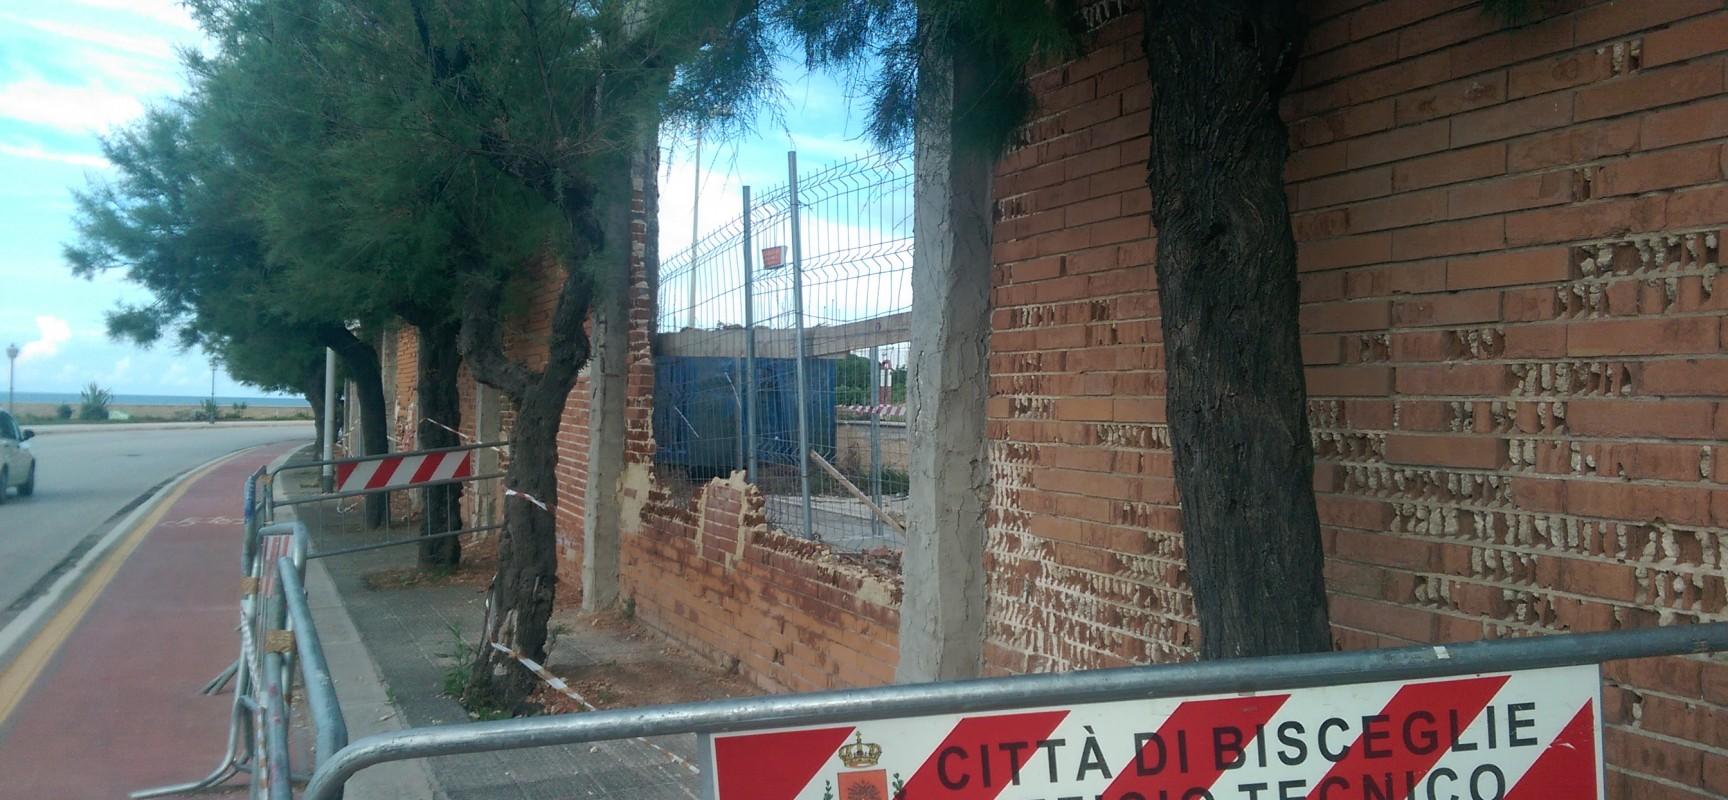 Recinzione Casa della Divina Provvidenza, ultimatum del Comune: 90 giorni per ripristinare la muratura